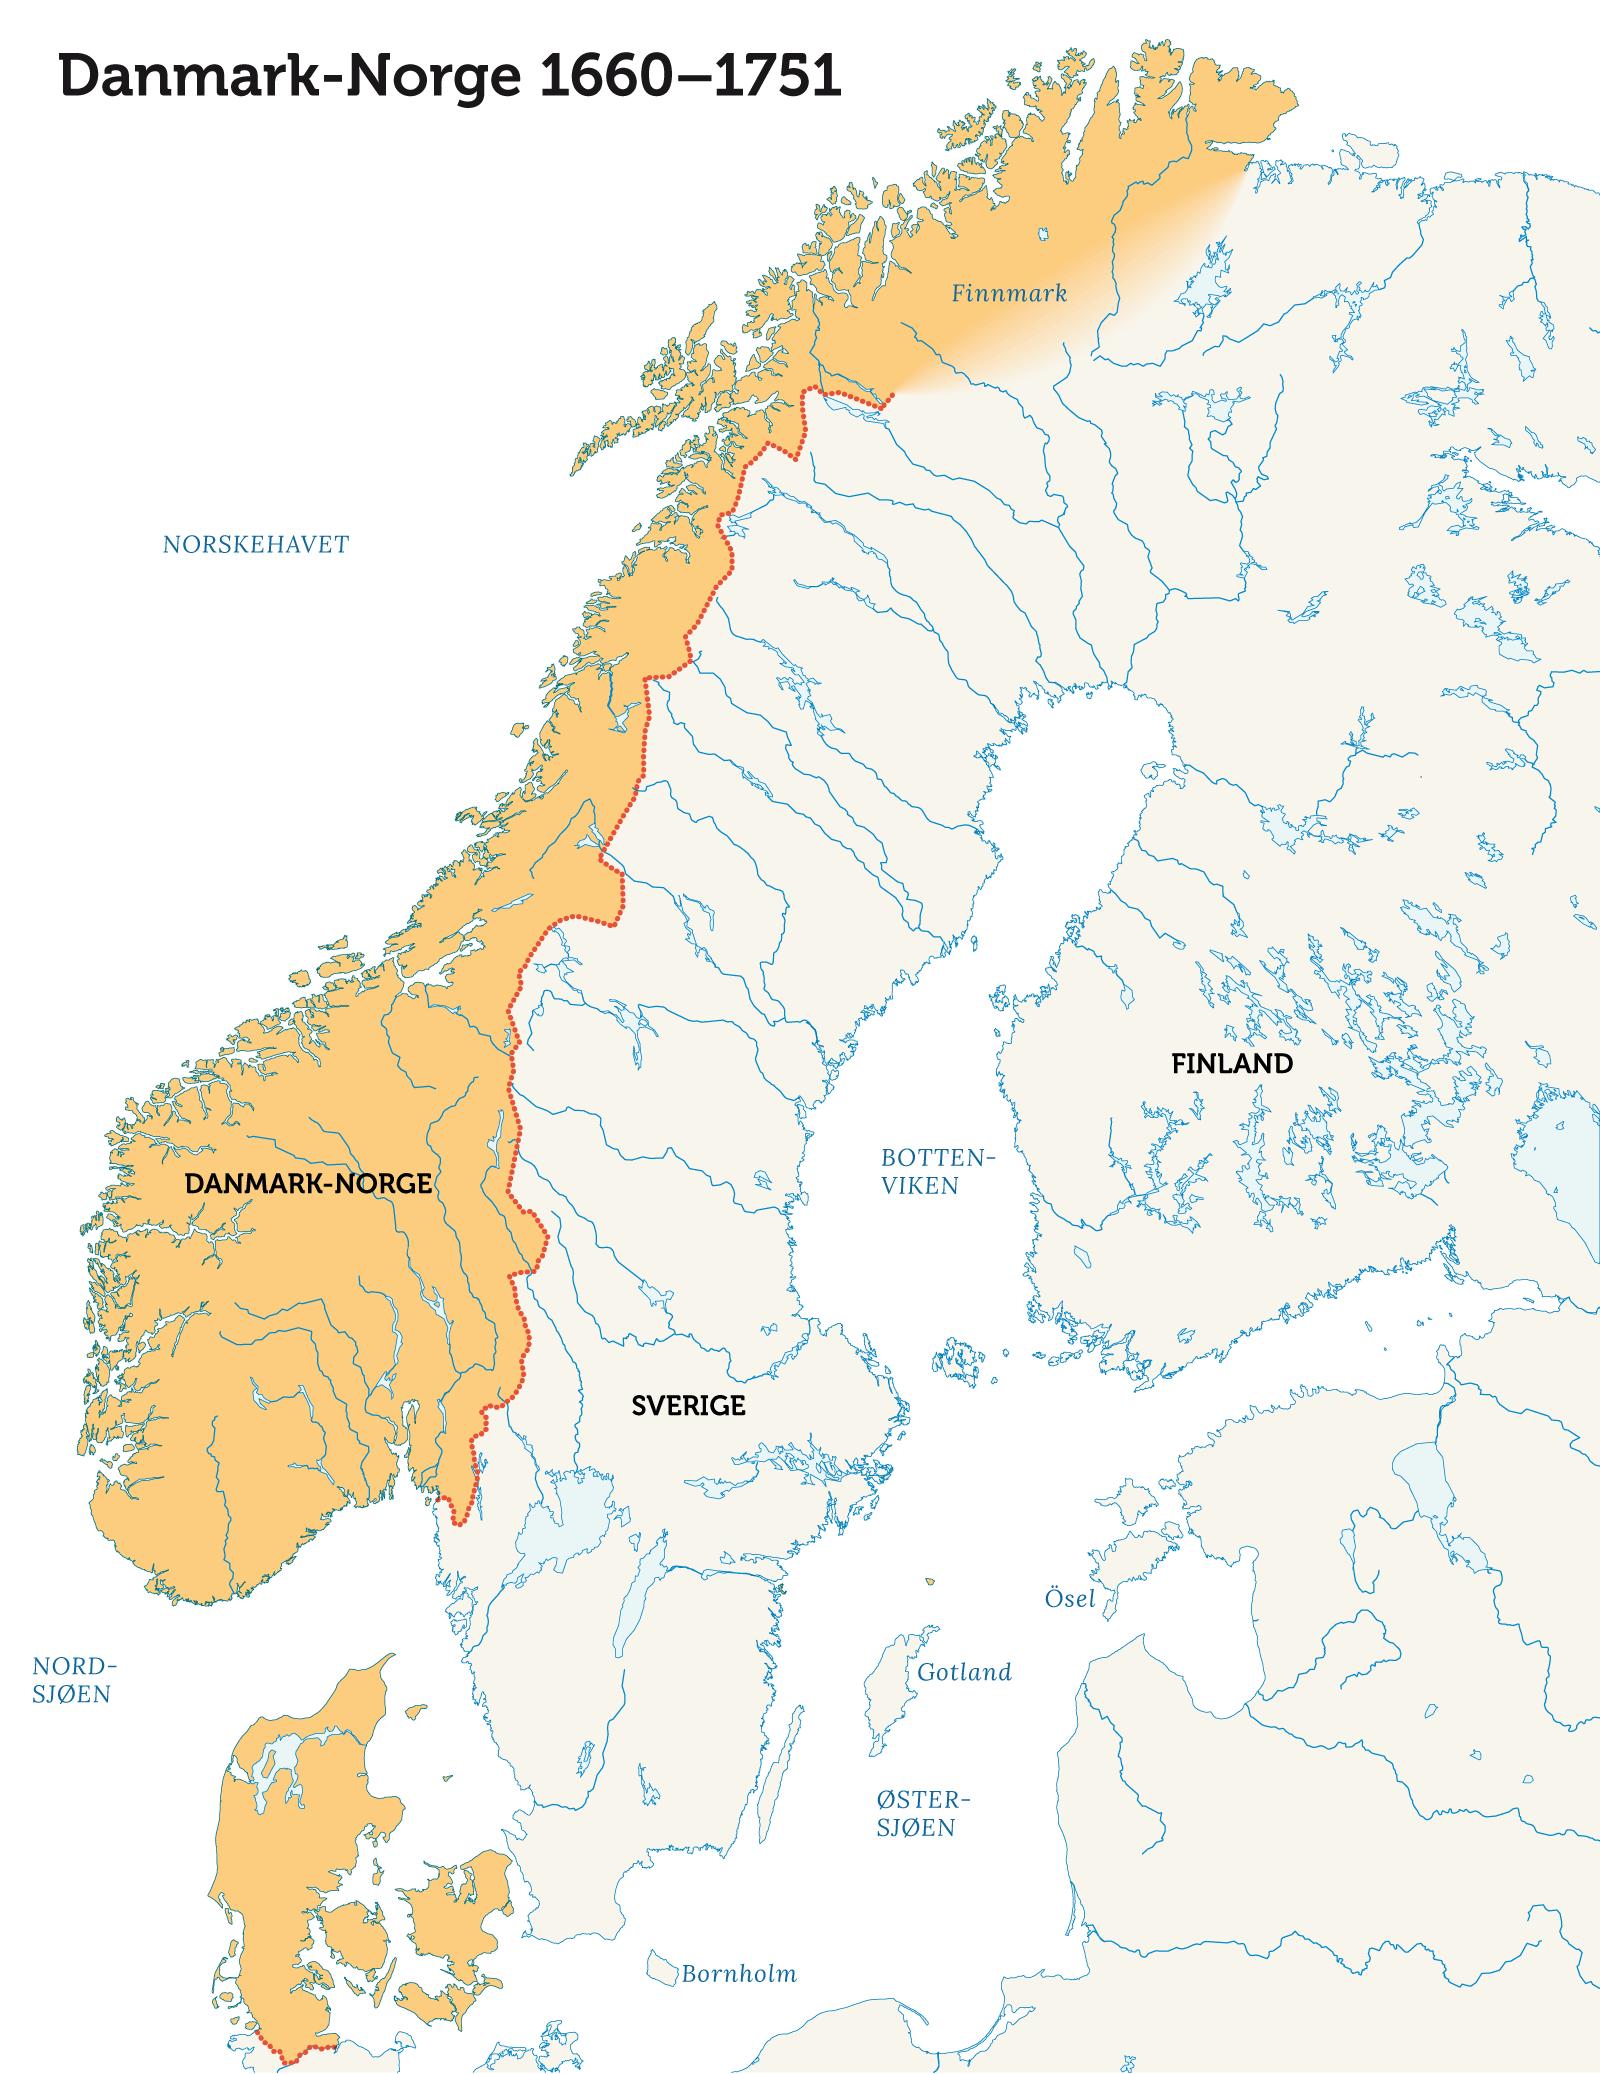 kart danmark norge Norge i den store nordiske krig   Norgeshistorie kart danmark norge